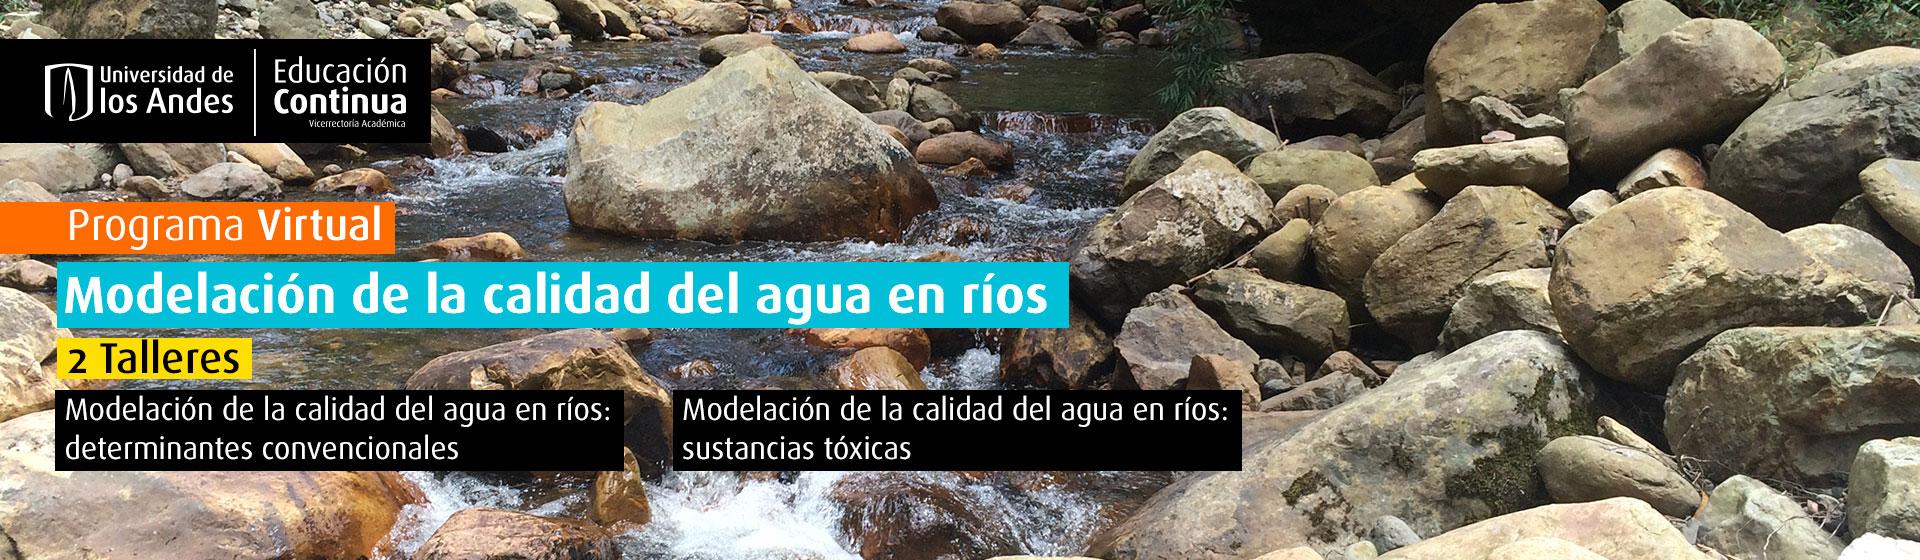 Programa Virtual Modelación de la calidad del agua en ríos